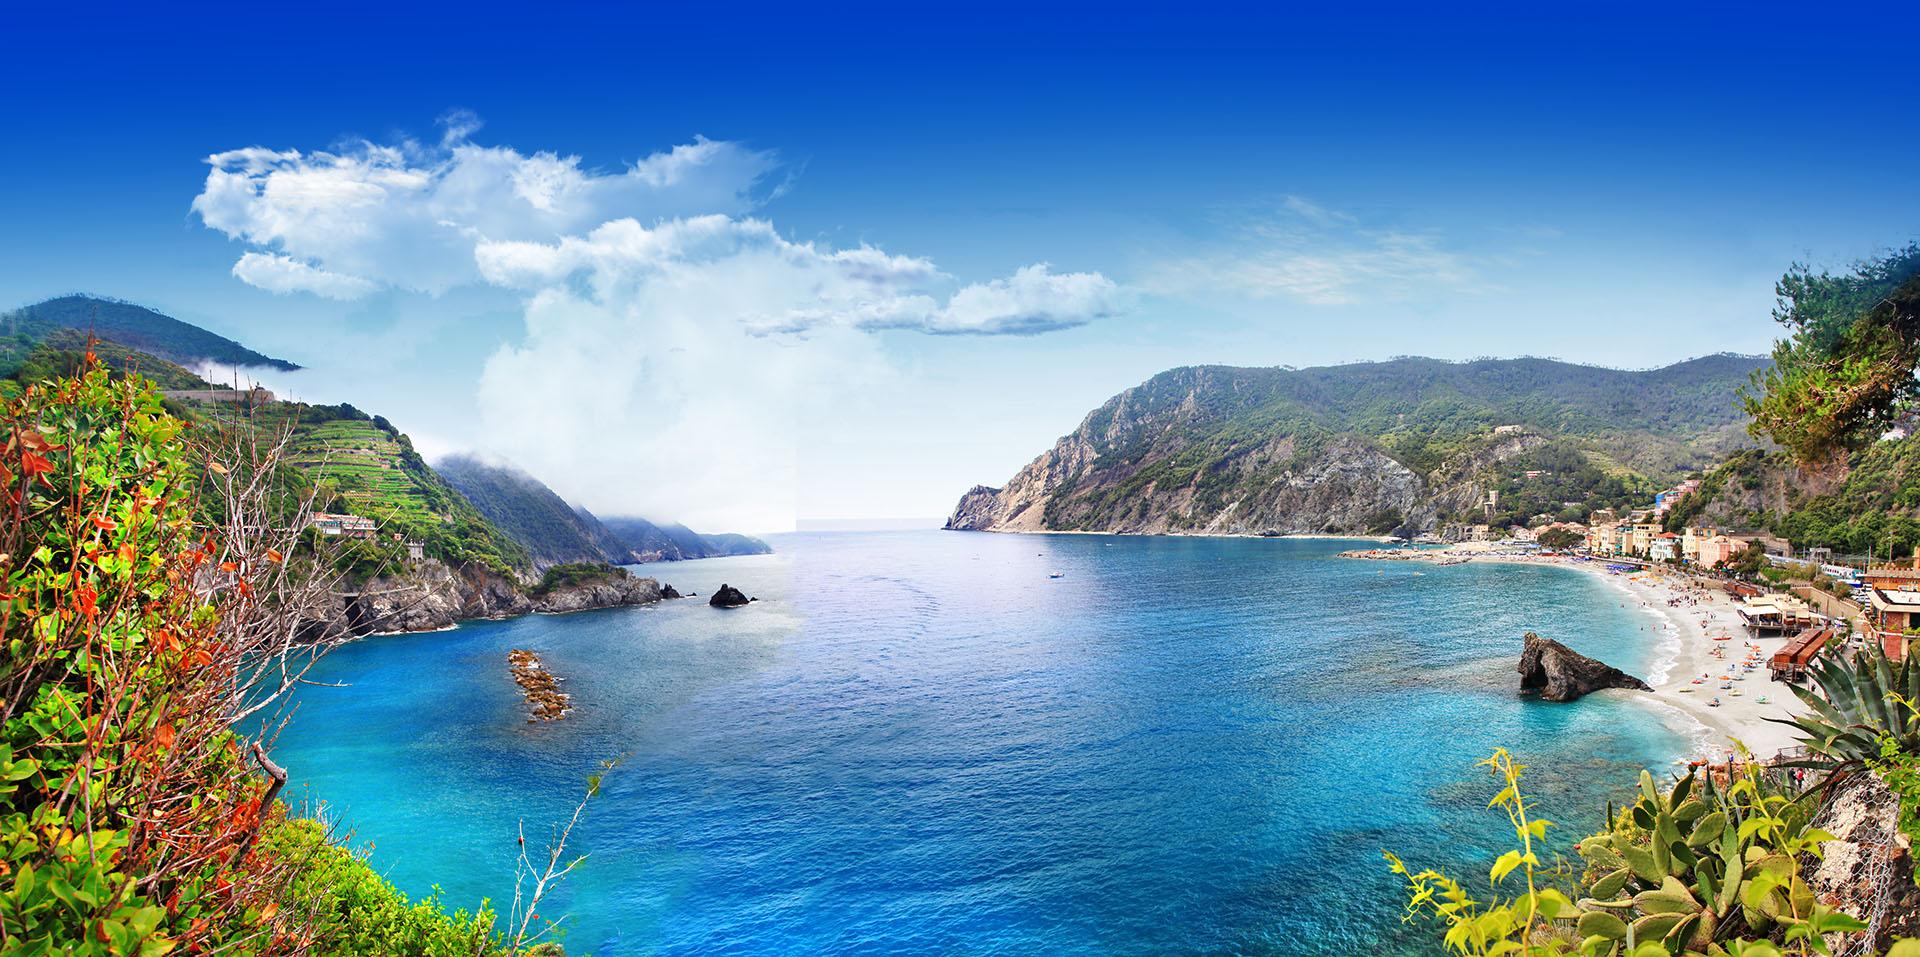 La playa de Monterosso, la más grande de las cinco ciudades costeras que conforman la famosa región de Cinque Terre, posee hermosos arrecifes y aguas cristalinas y es uno de los destinos más poblados de la región